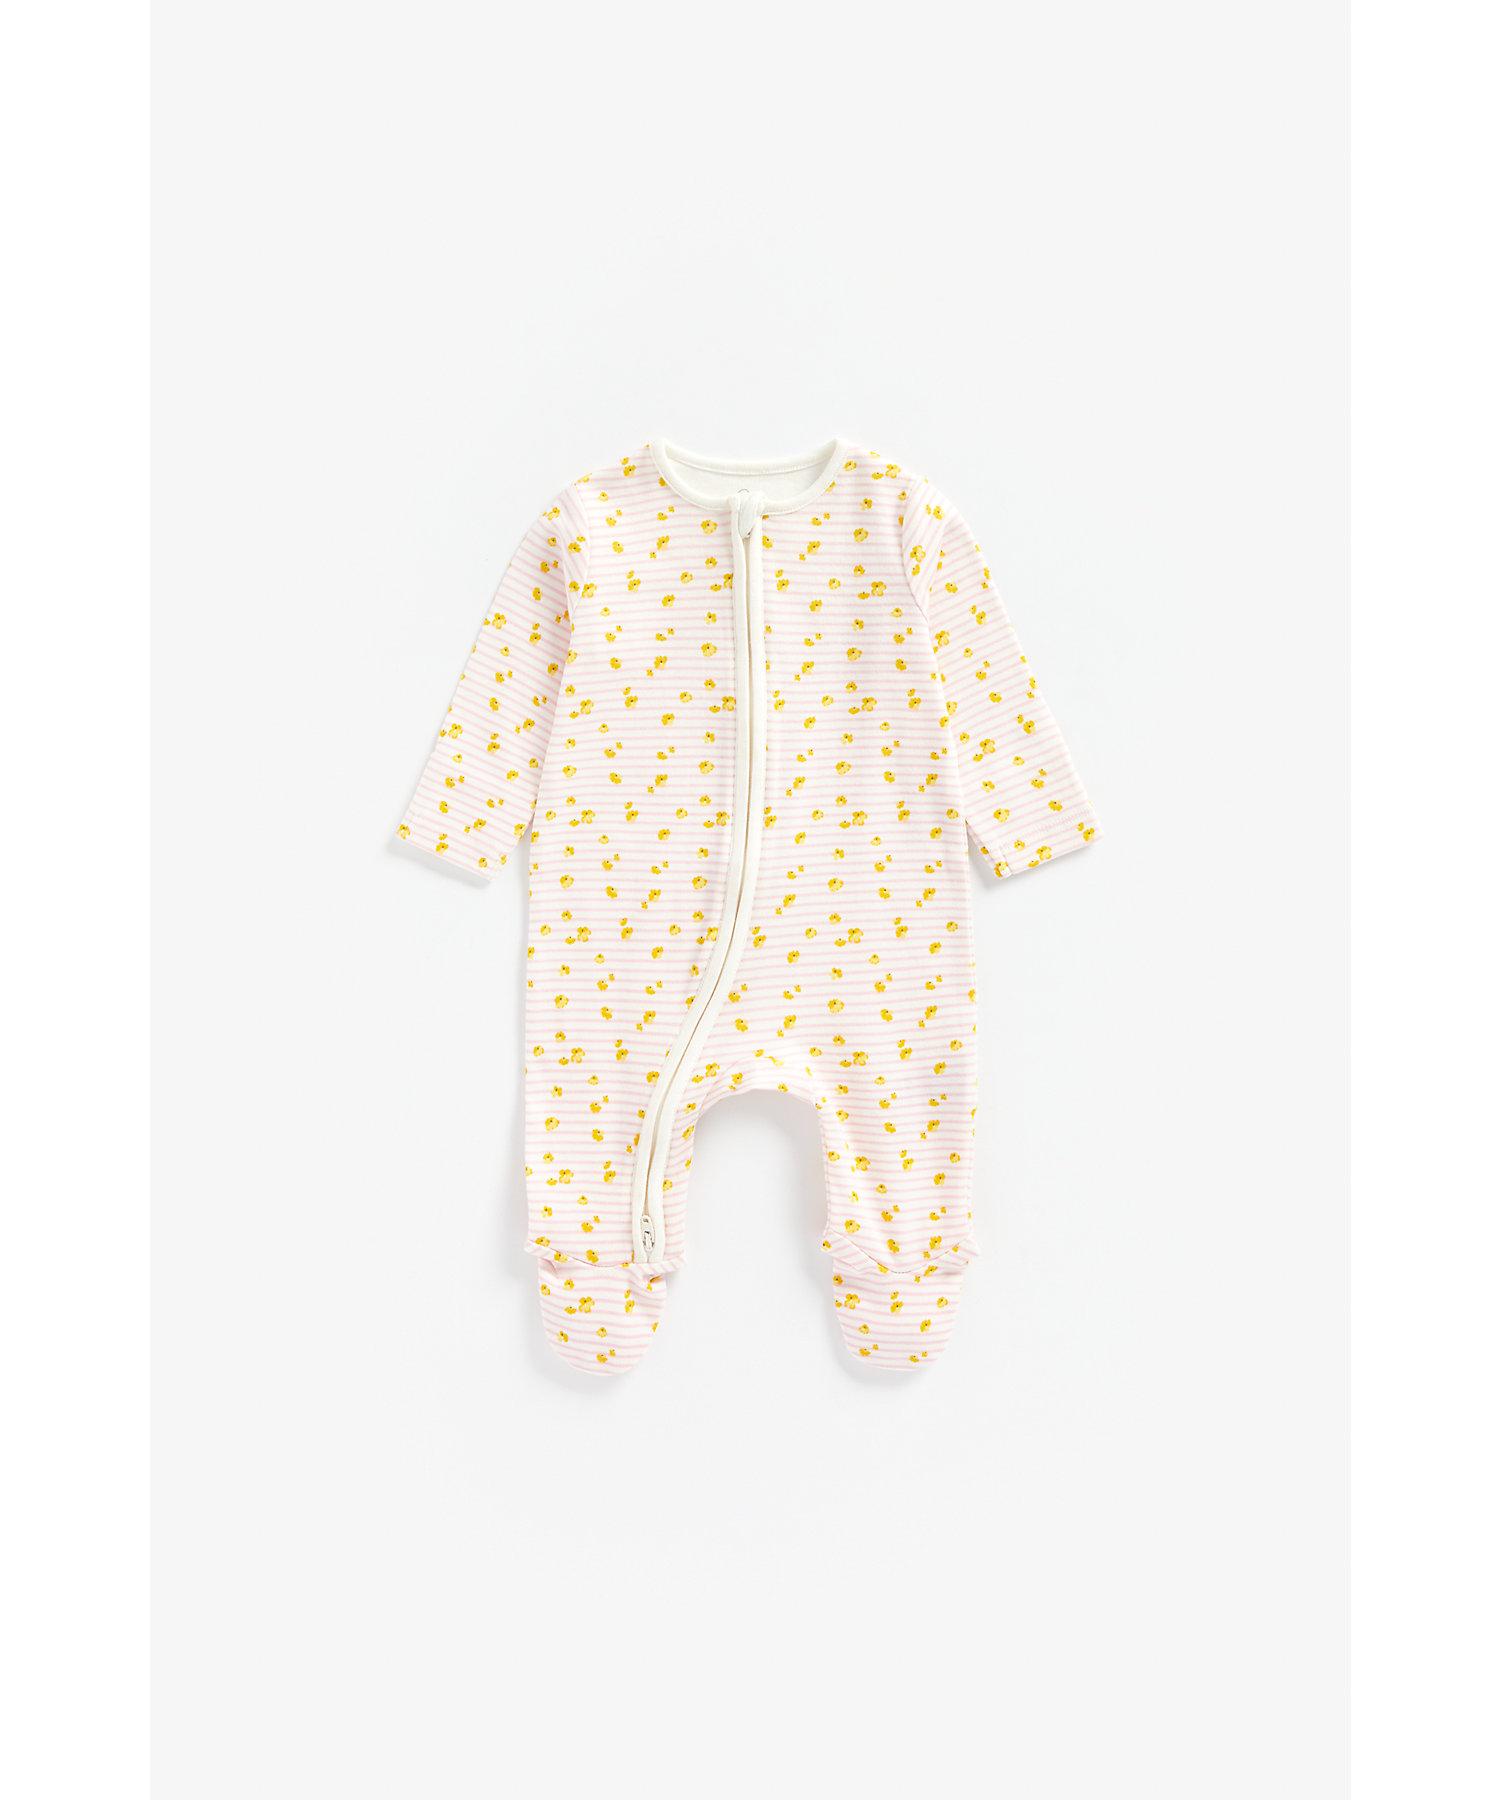 Mothercare   Girls Full Sleeves Sleepsuit Floral Print - Beige